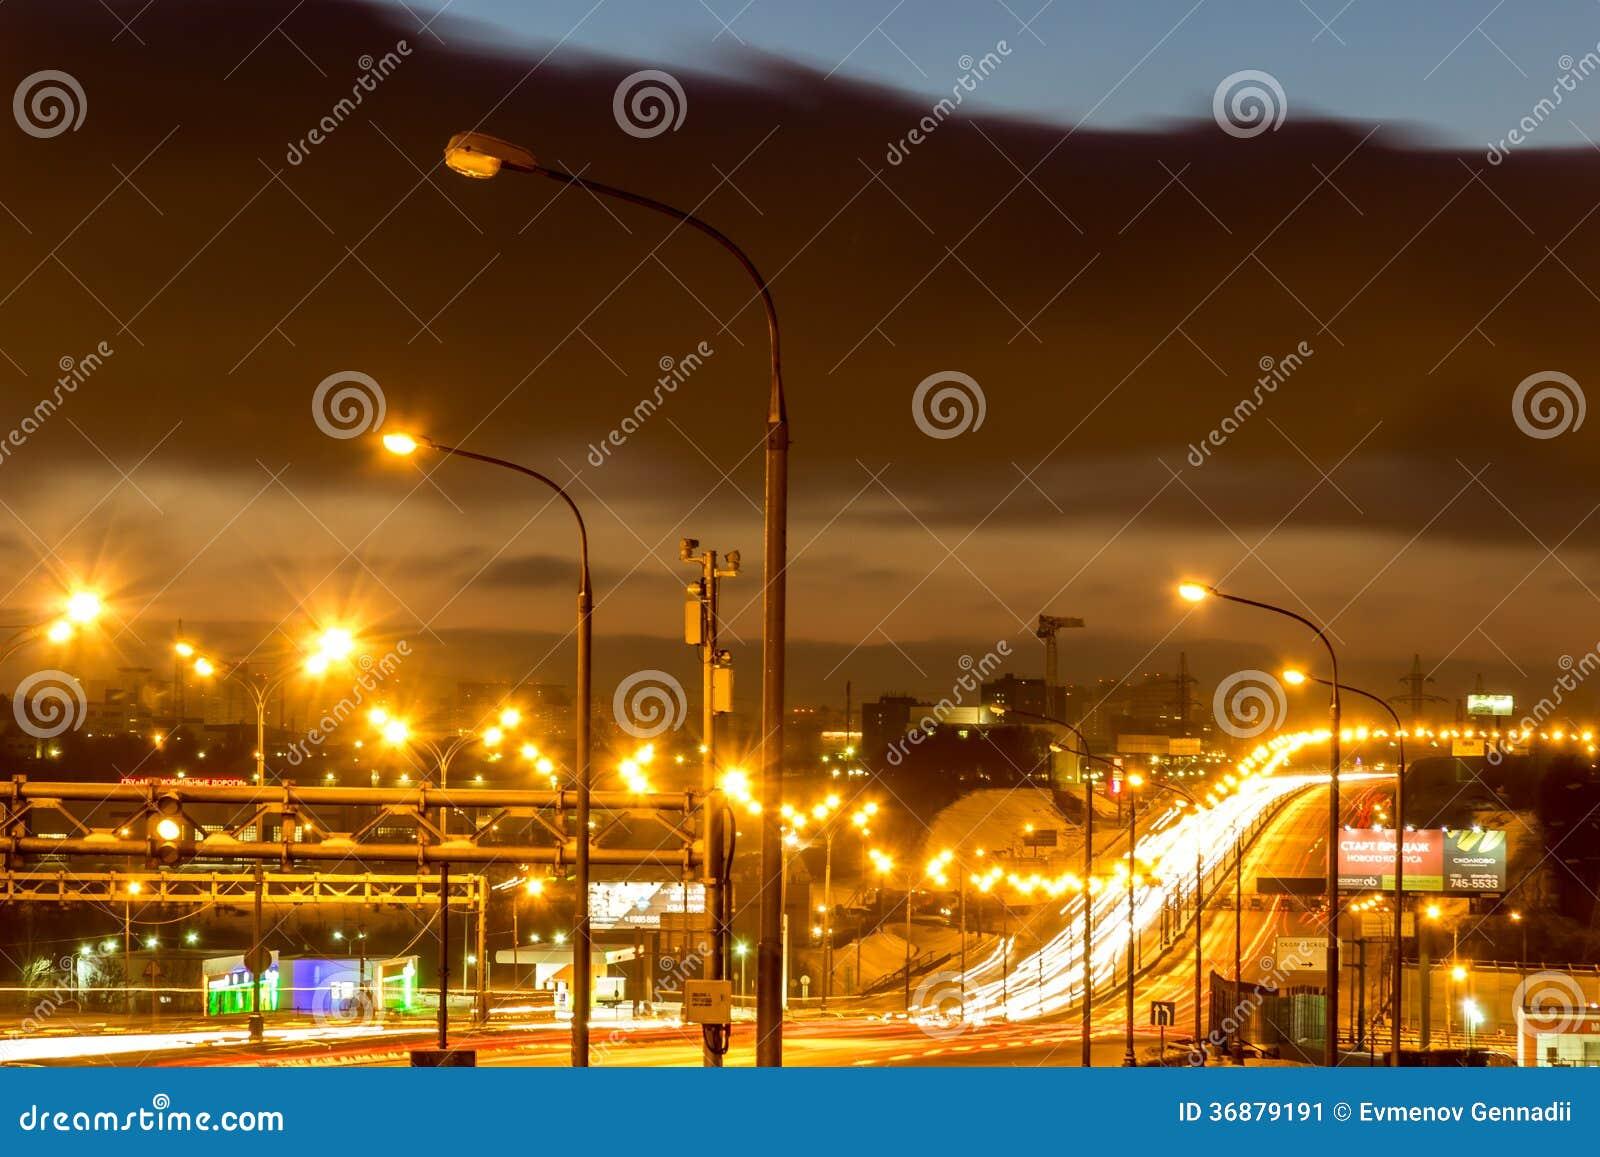 Download Del Raccordo Anulare Di Mosca Alla Notte Fotografia Editoriale - Immagine di mosca, lanterne: 36879191